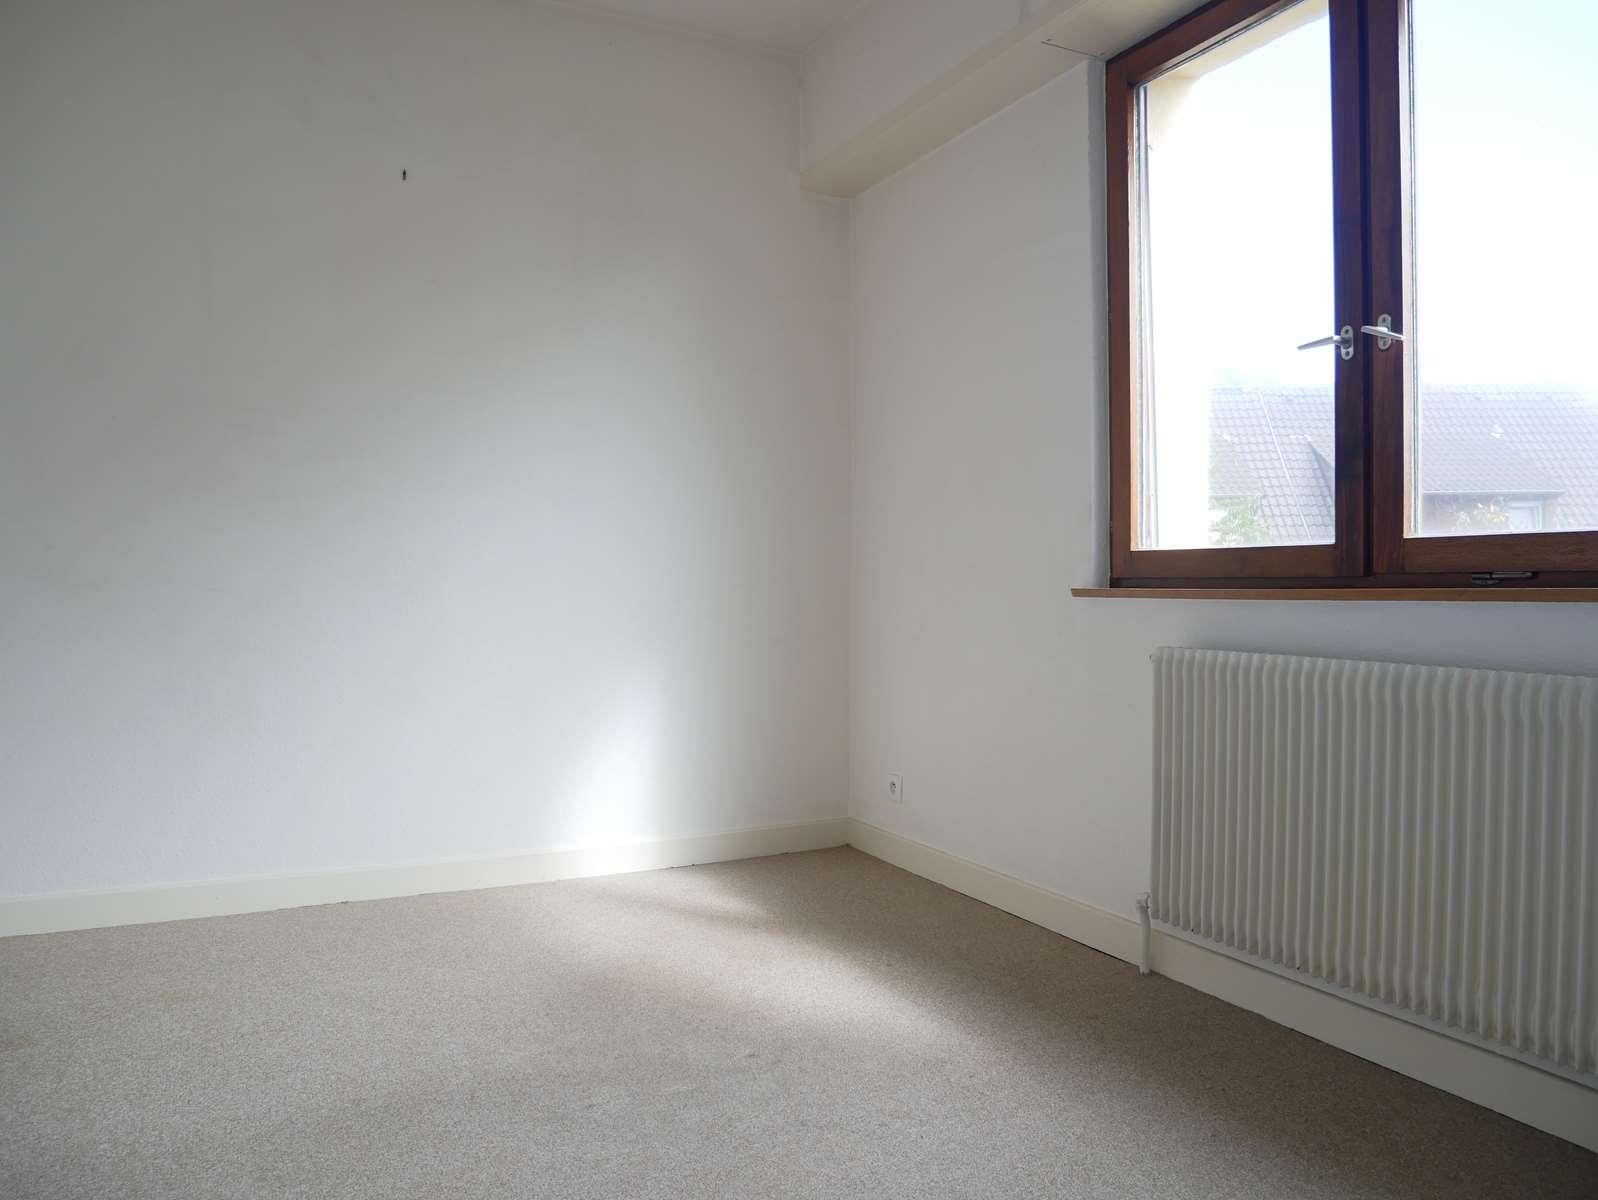 [Gold] Un appartement lumineux avec vue sur la Cathédrale - Strasbourg Centre - nos ventes - Beausite Immobilier 5